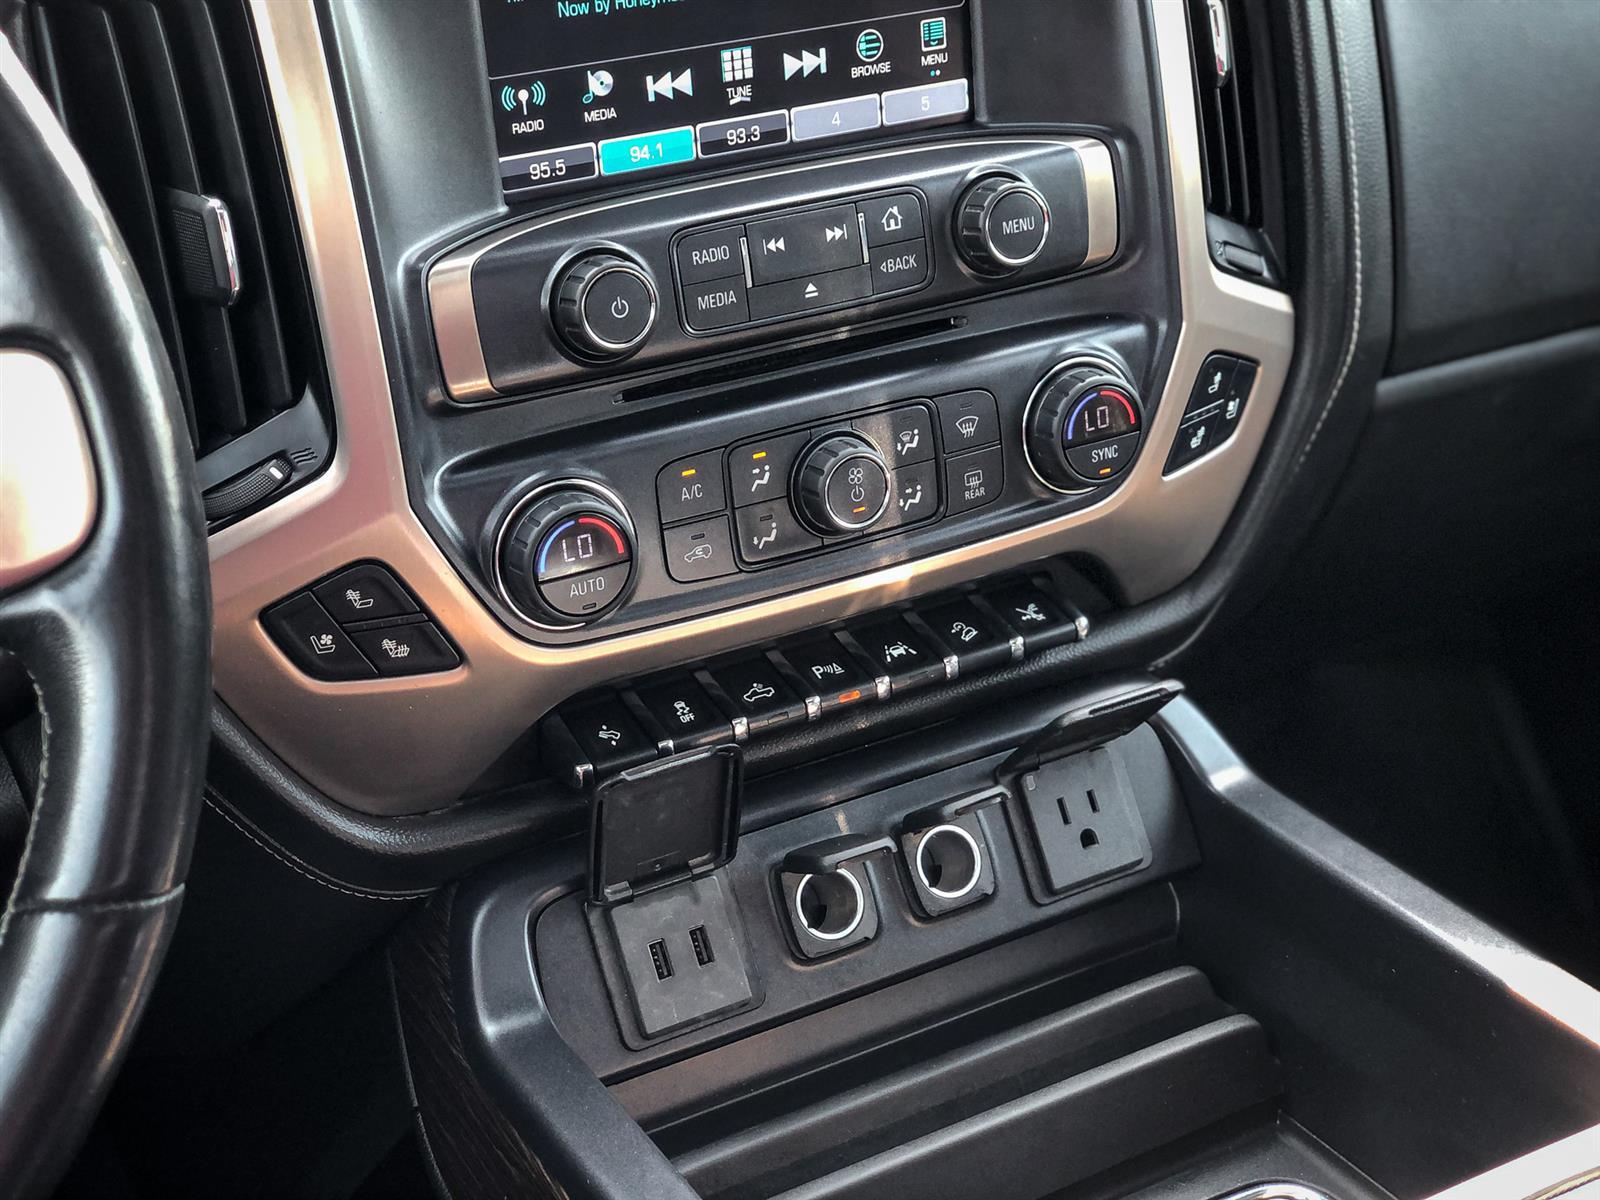 2018 GMC Sierra 1500 DENALI | 6.2L V8 | 4X4 | MOONROOF | HEATED/COOLED SEATS